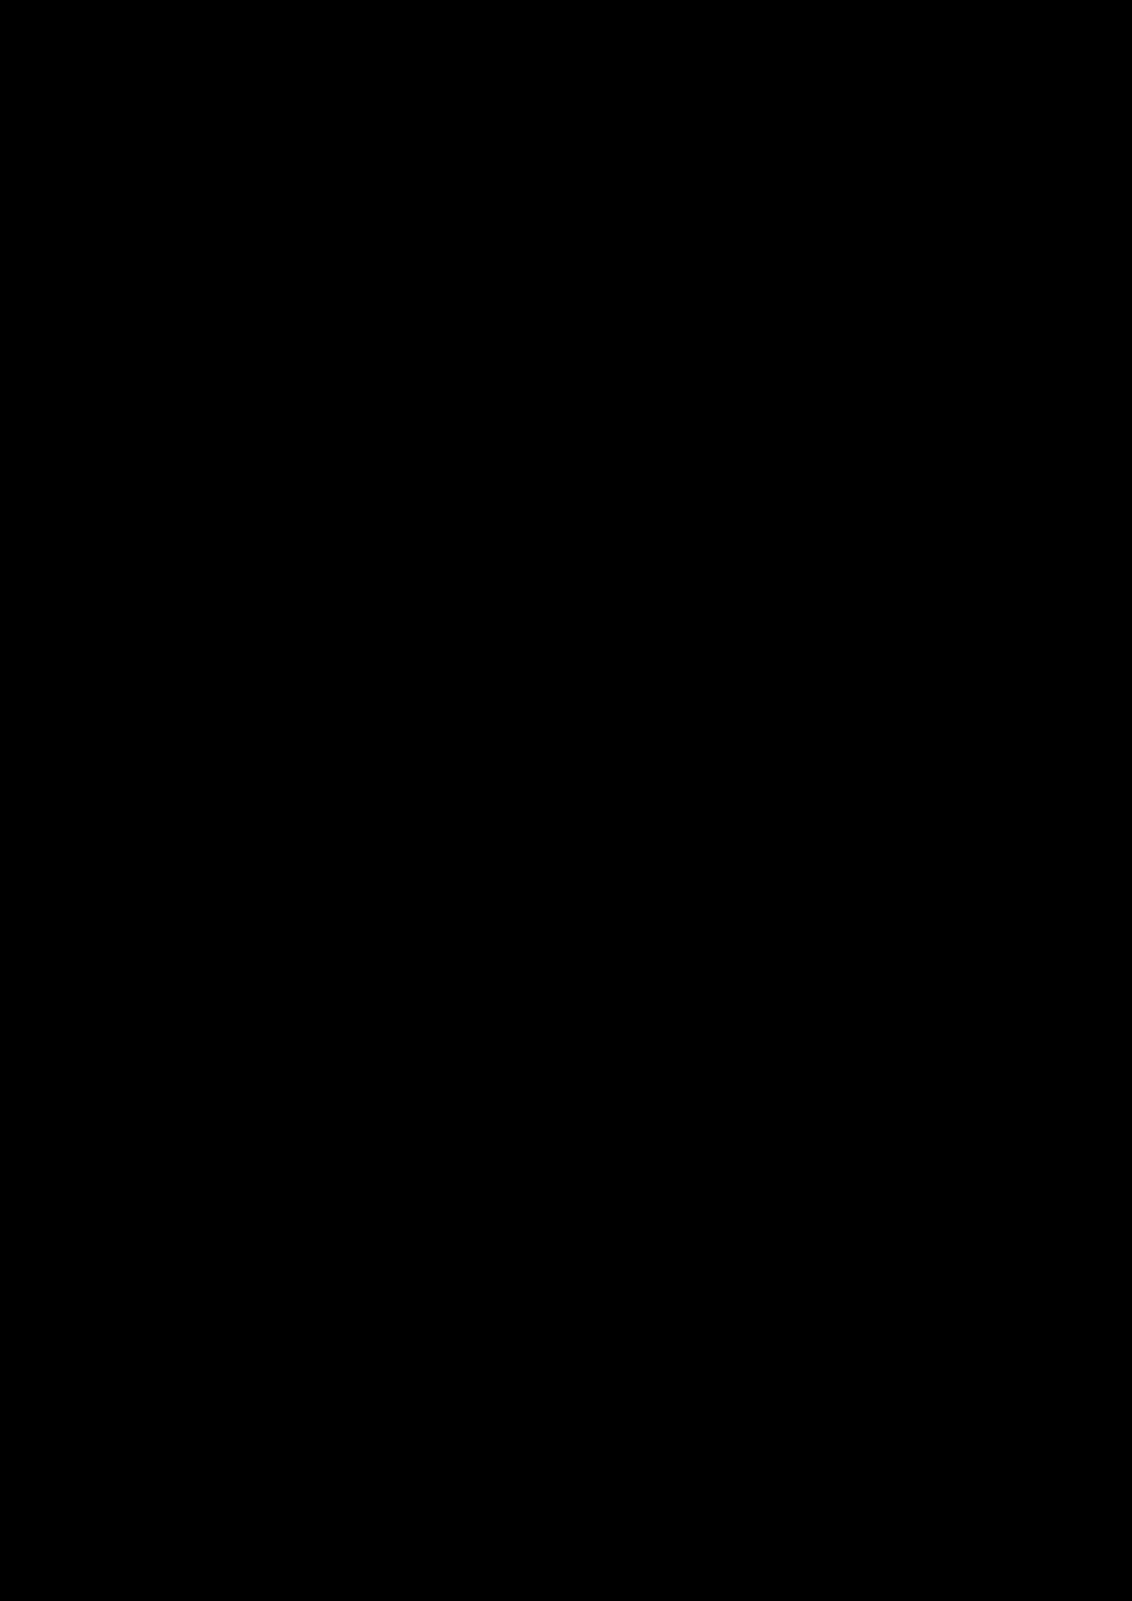 Osobyiy rezon slide, Image 16